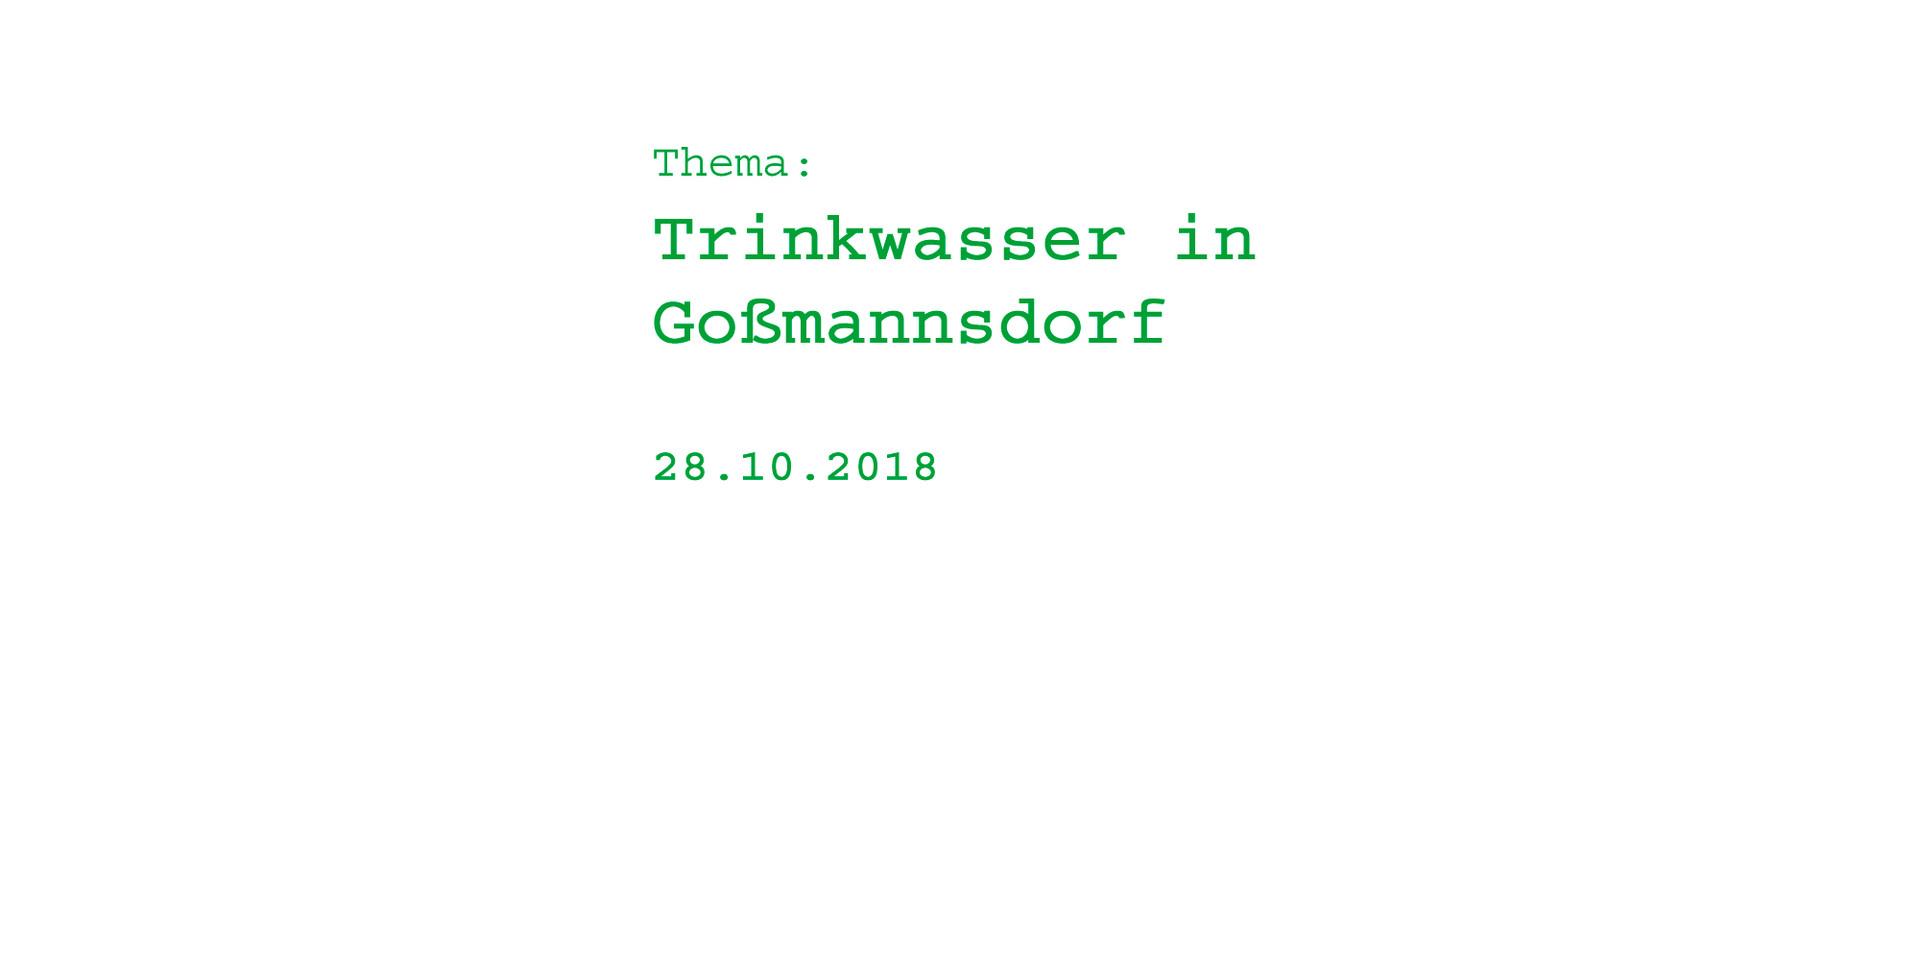 Trinkwasser_in_Goßmannsdorf.jpg